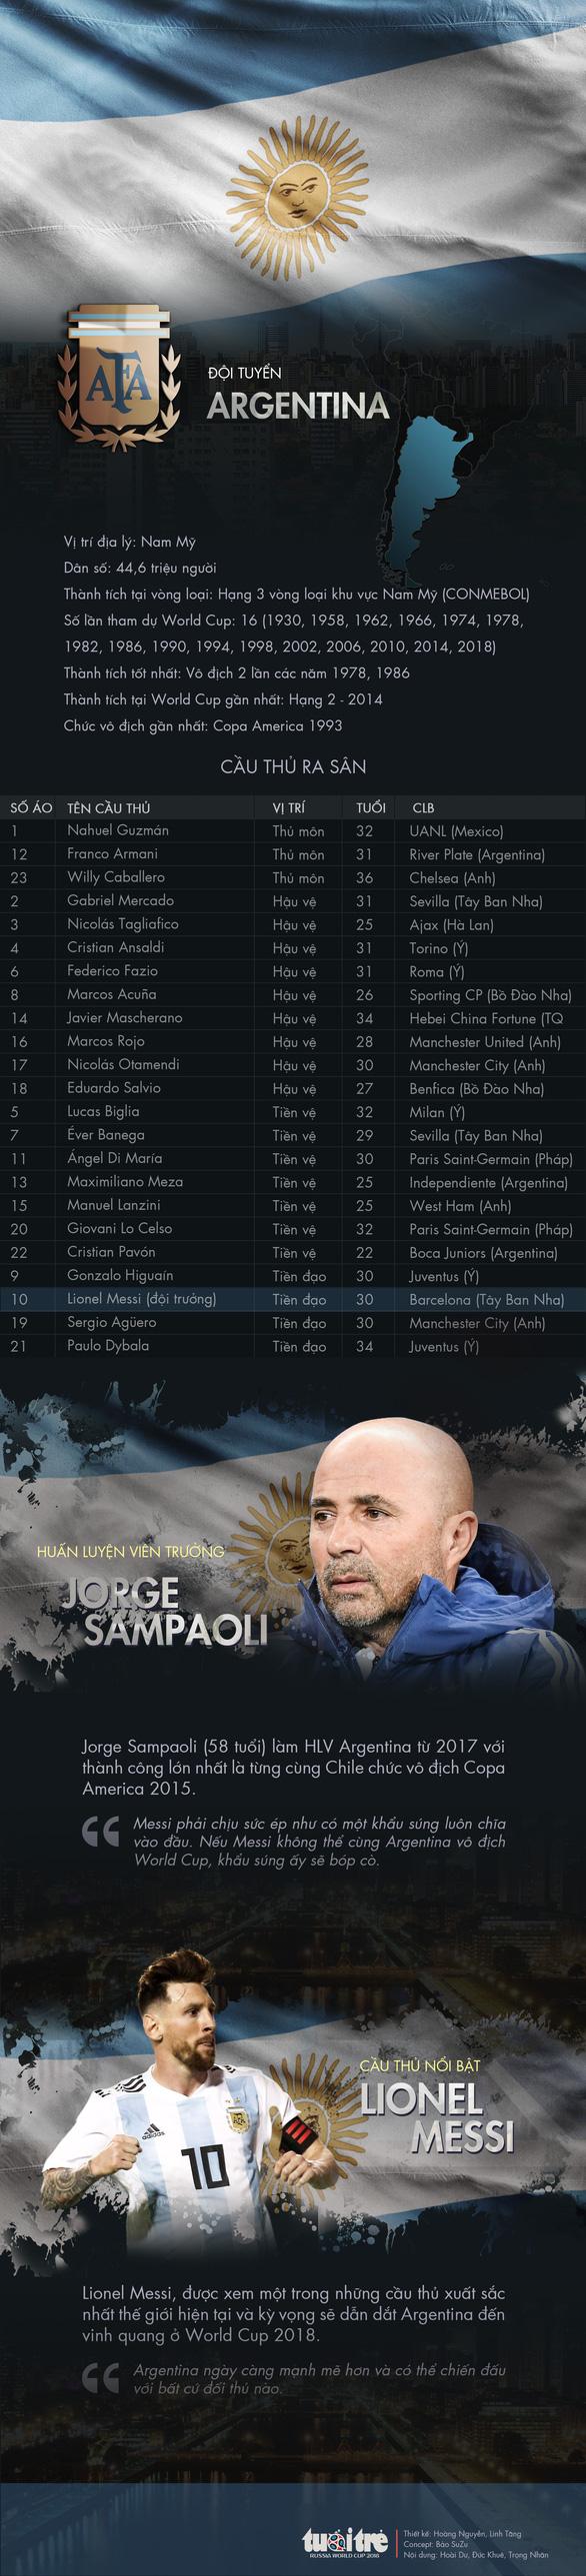 Chân dung tuyển Argentina - Ảnh 1.